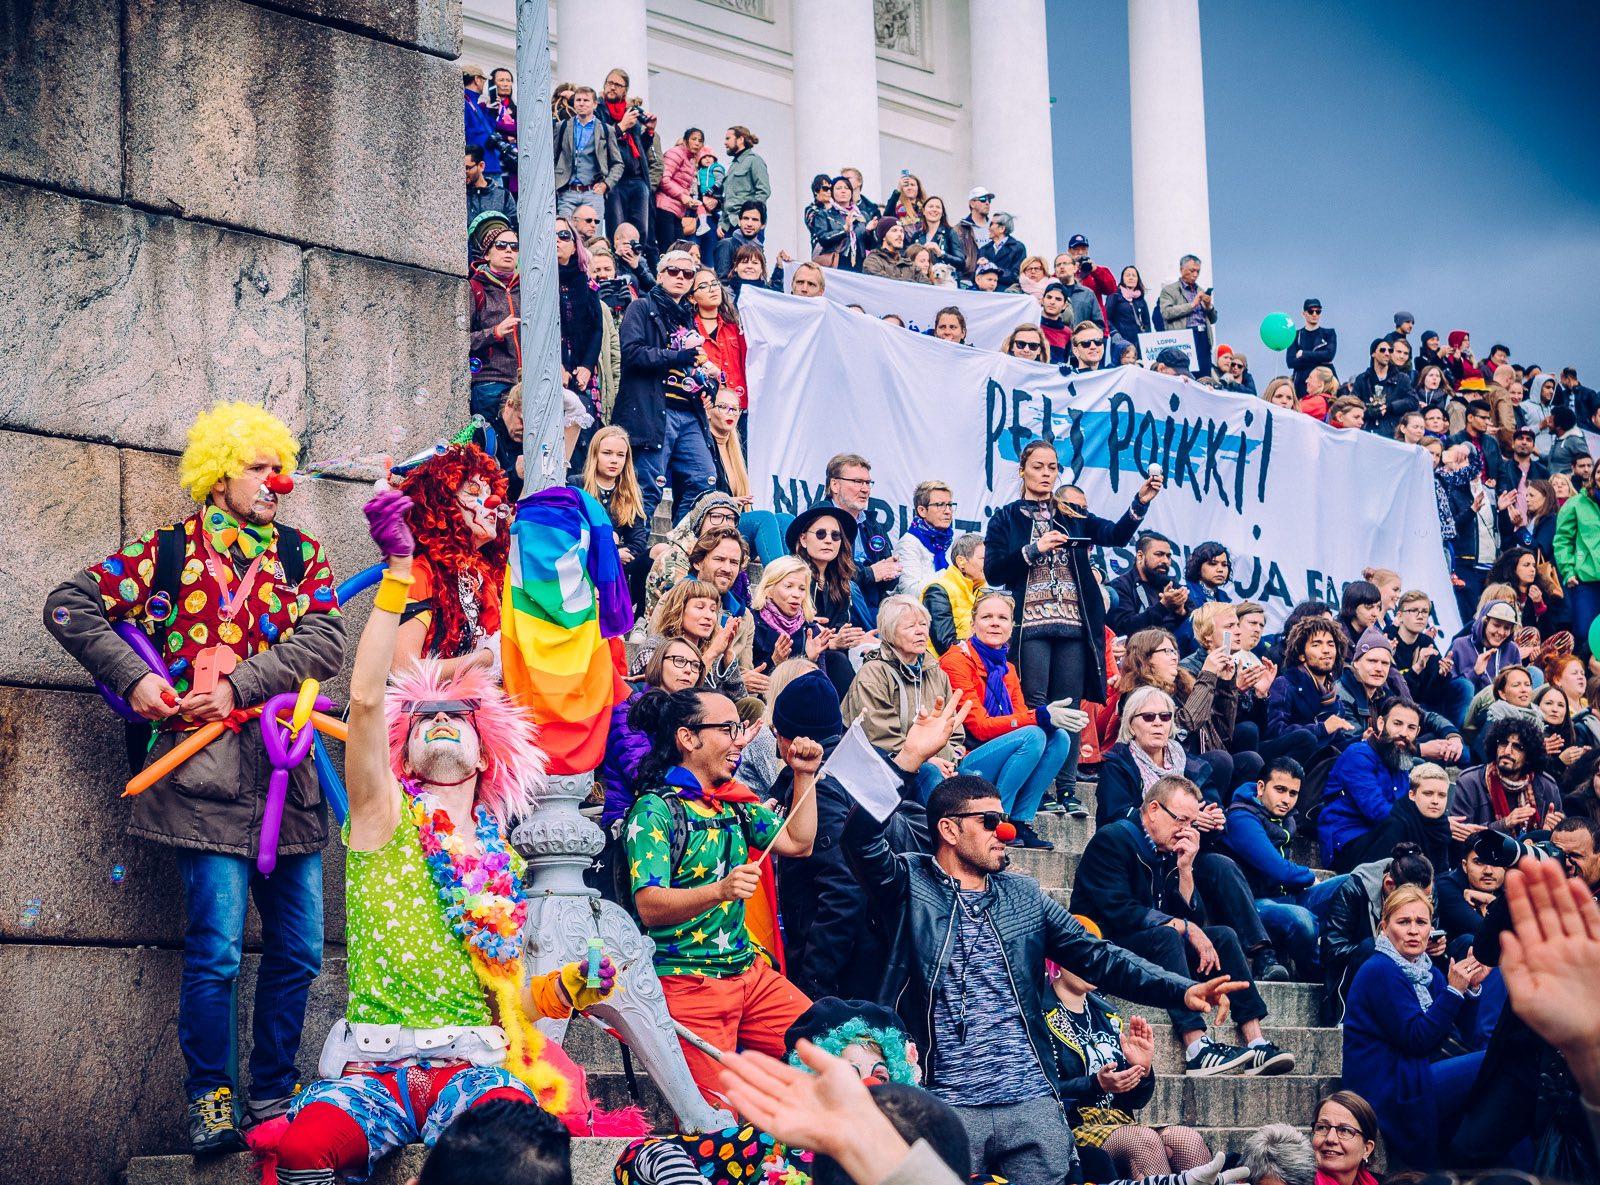 peli-poikki-anti-racist-march-10